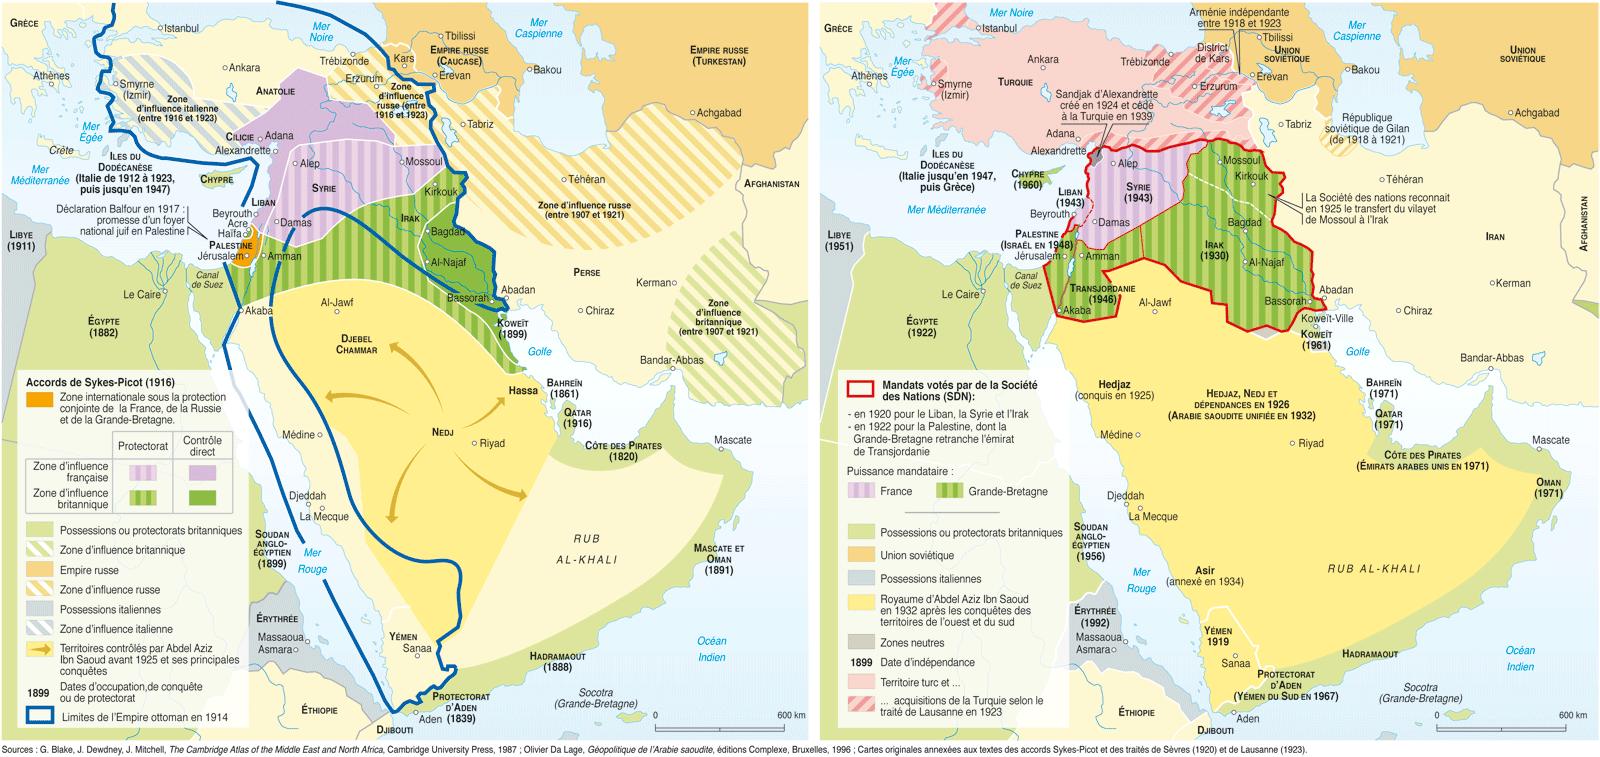 Des accords Sykes-Picot... Au Proche-Orient contemporain par Philippe Rekacewicz, avril 2003 http://www.monde-diplomatique.fr/cartes/sykes-picot